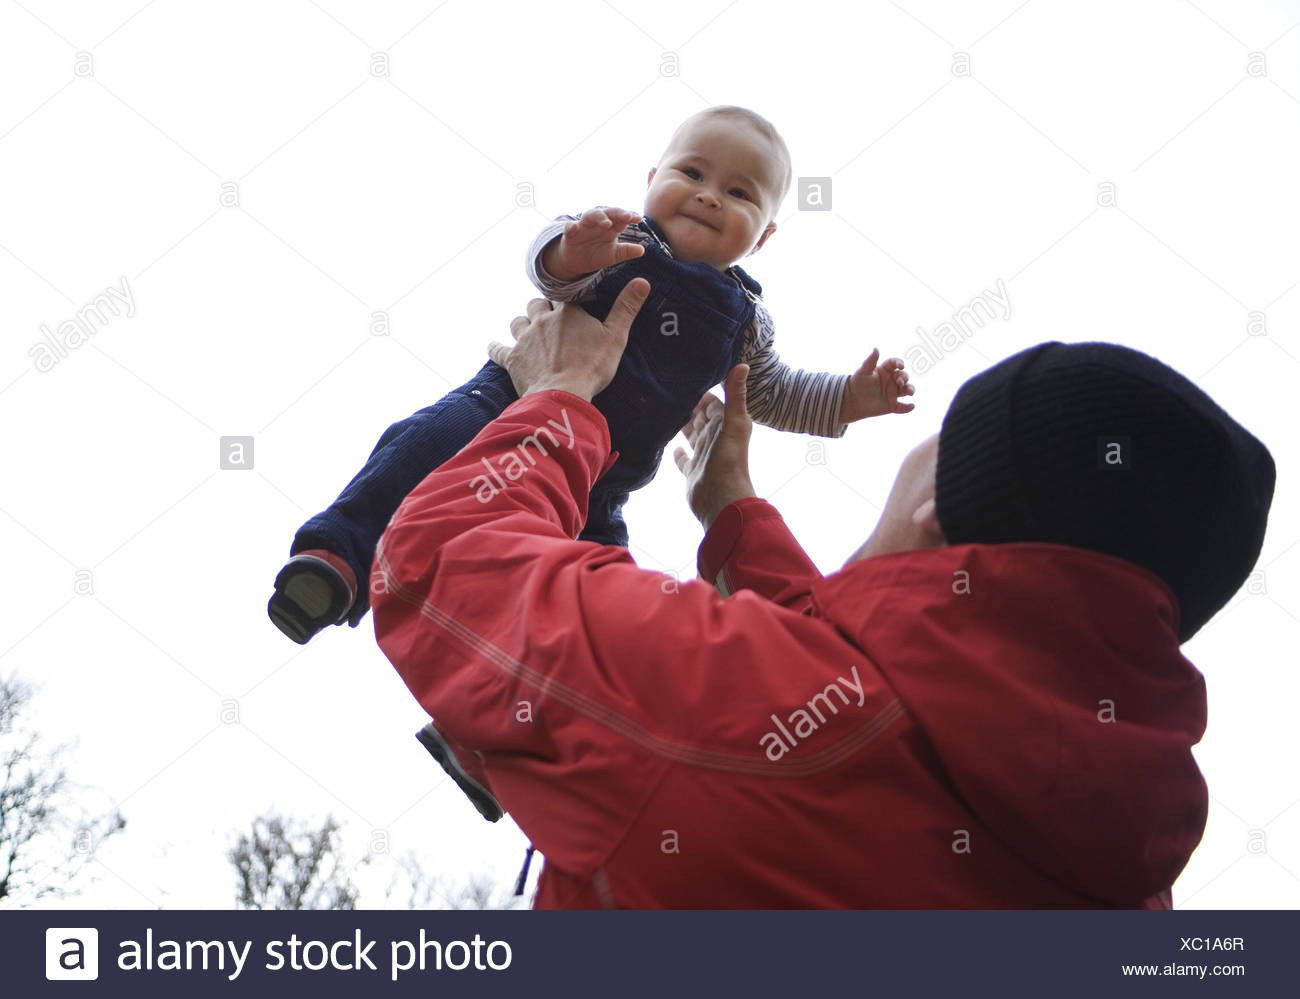 Padre baby persone genera l'uomo paternità genitore giacca con cappuccio rosso copricapo amore fortuna sentimenti emozione fun gioca la felicità bambino Immagini Stock